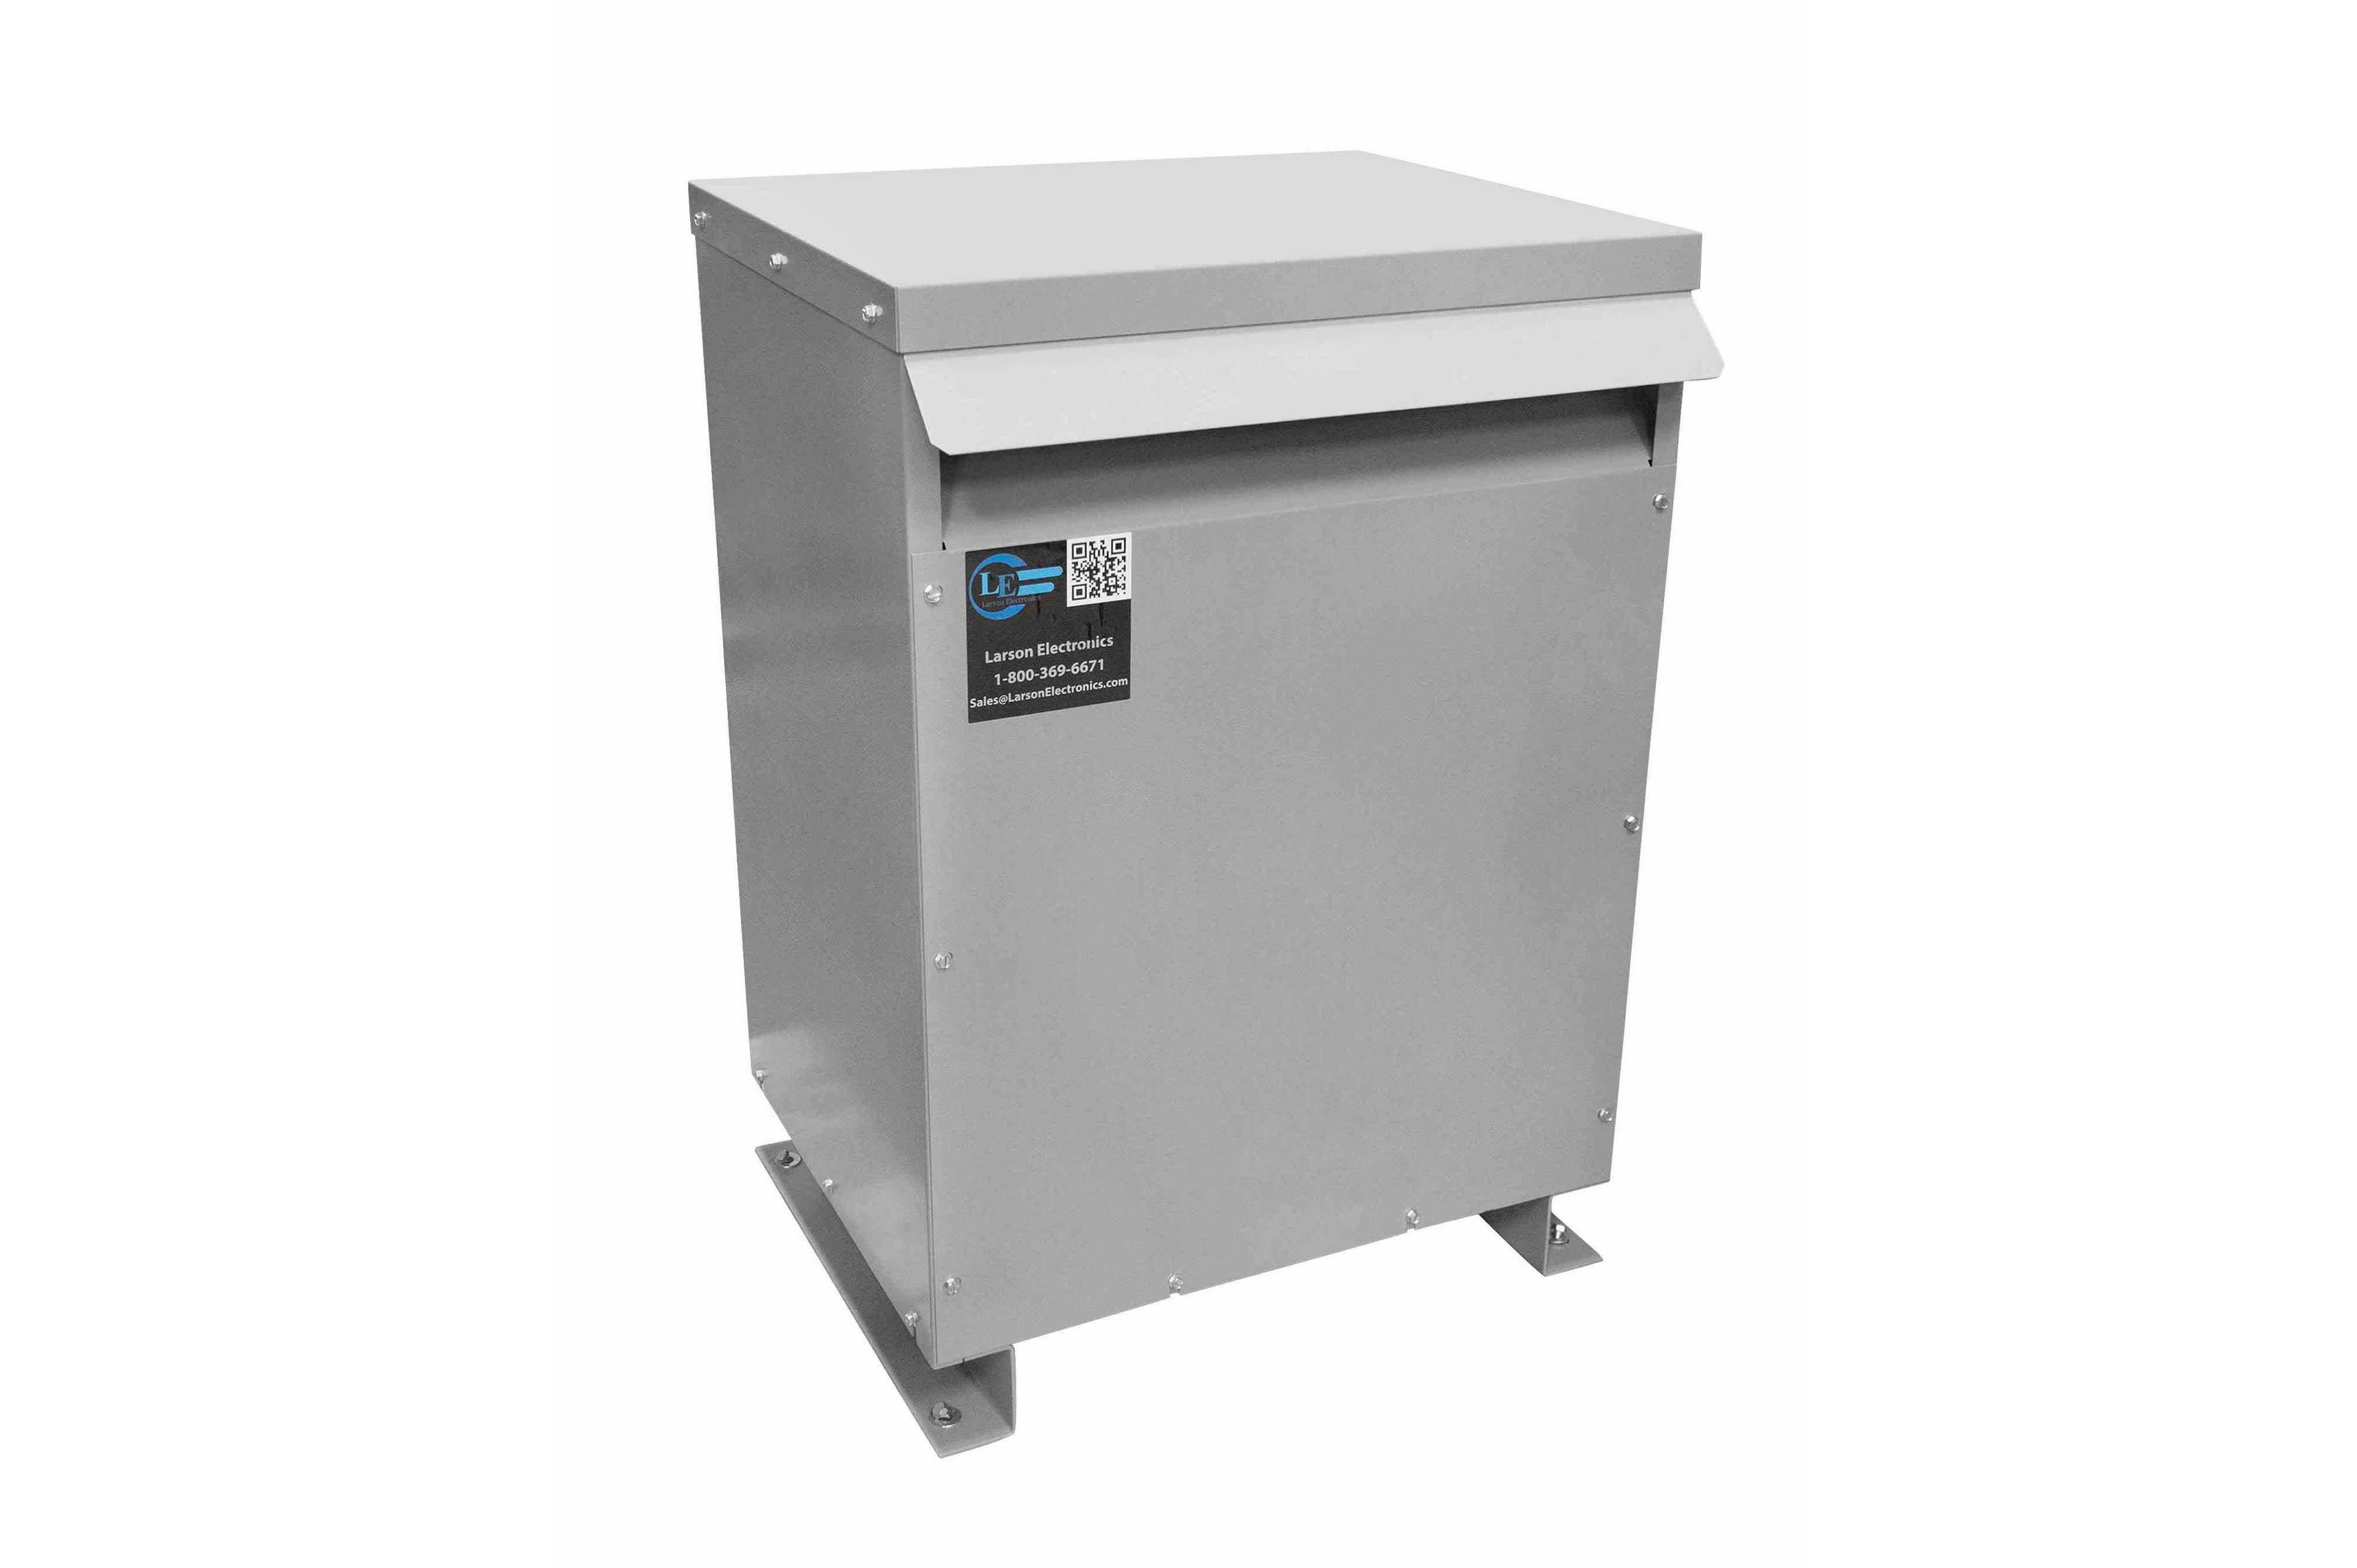 36 kVA 3PH Isolation Transformer, 208V Delta Primary, 600V Delta Secondary, N3R, Ventilated, 60 Hz